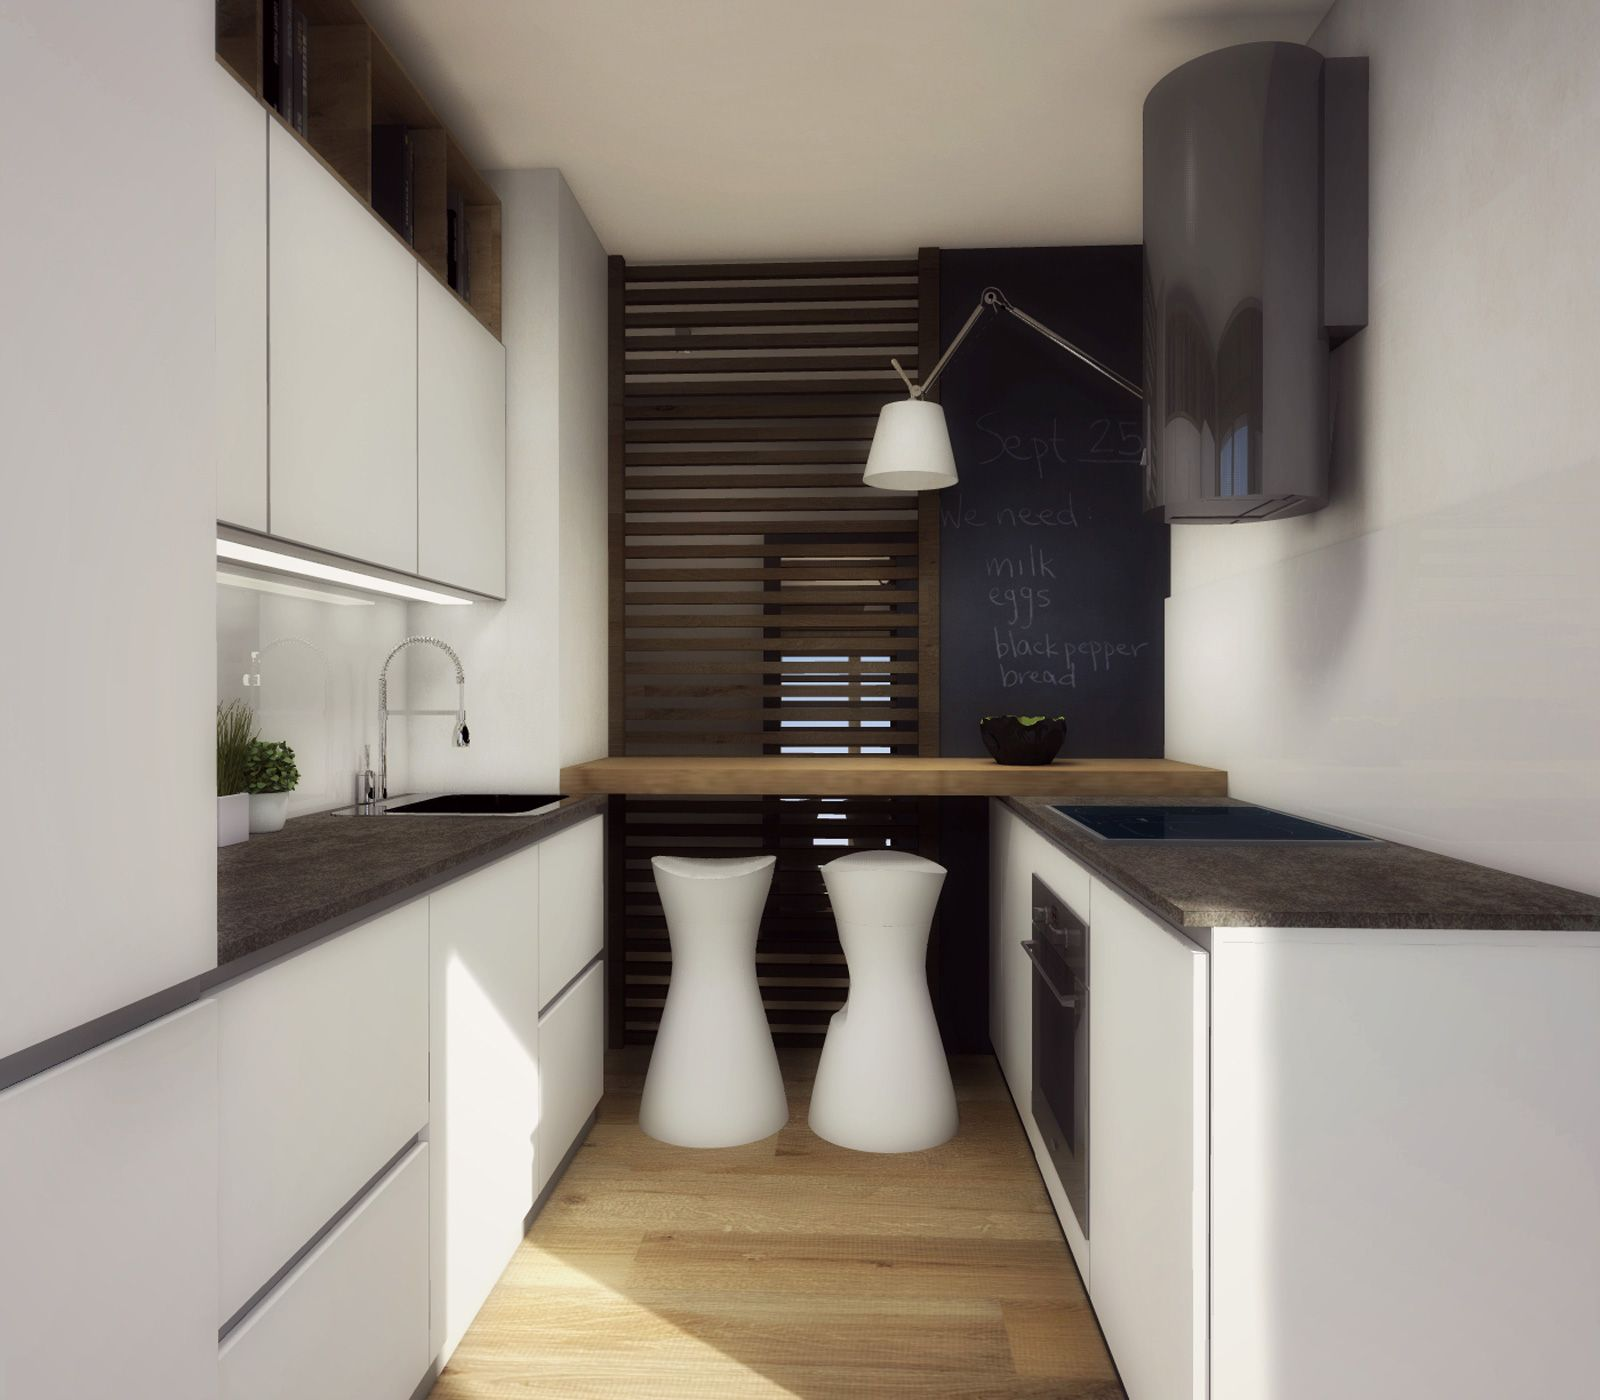 Arredamento cucine piccole: un progetto per meno di 6 mq ...